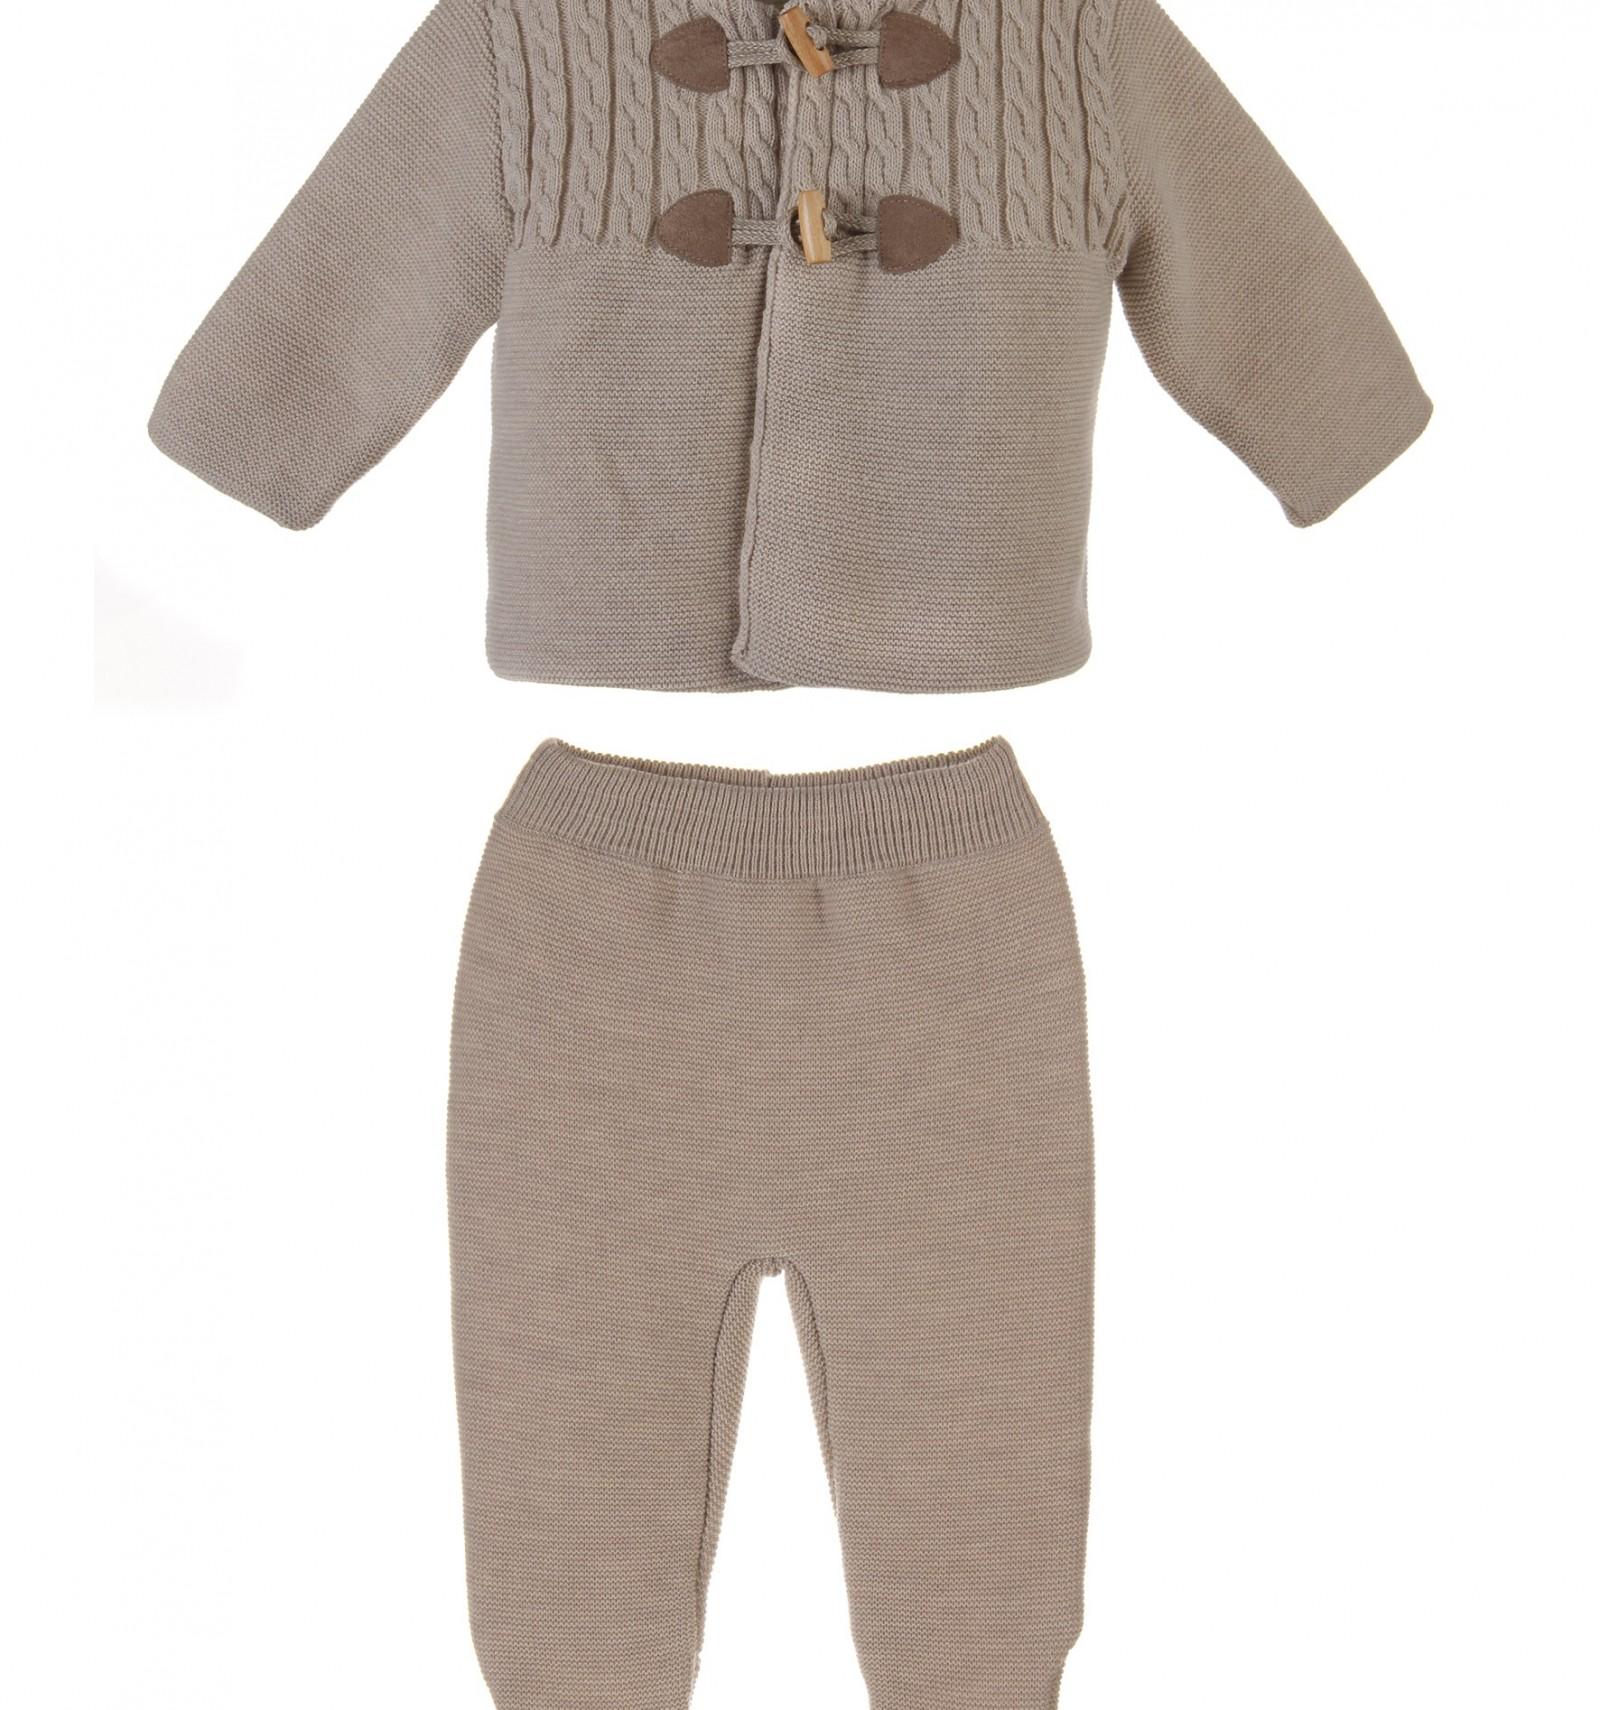 San francisco bebe.Conjunto de chaqueta con capiuchay polaina f5bf398009d2